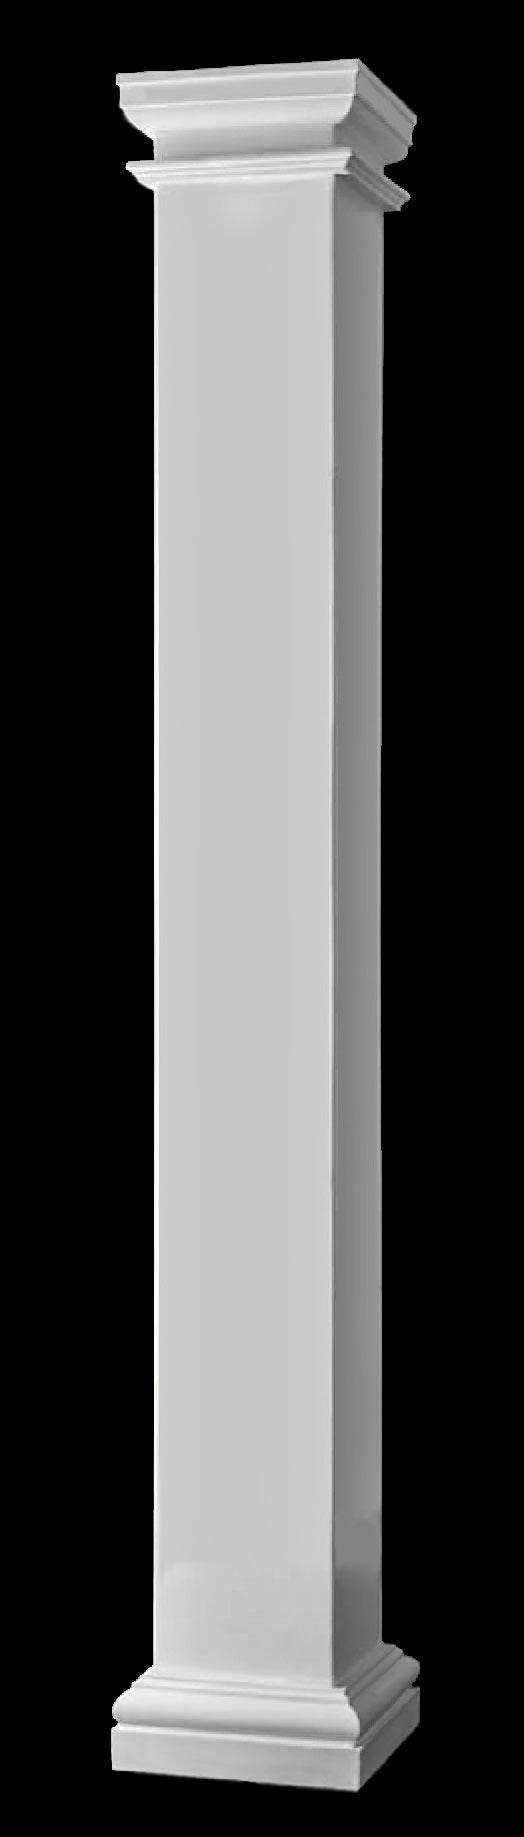 Fiberglass columns large square fiberglass composite for Fiberglass square columns